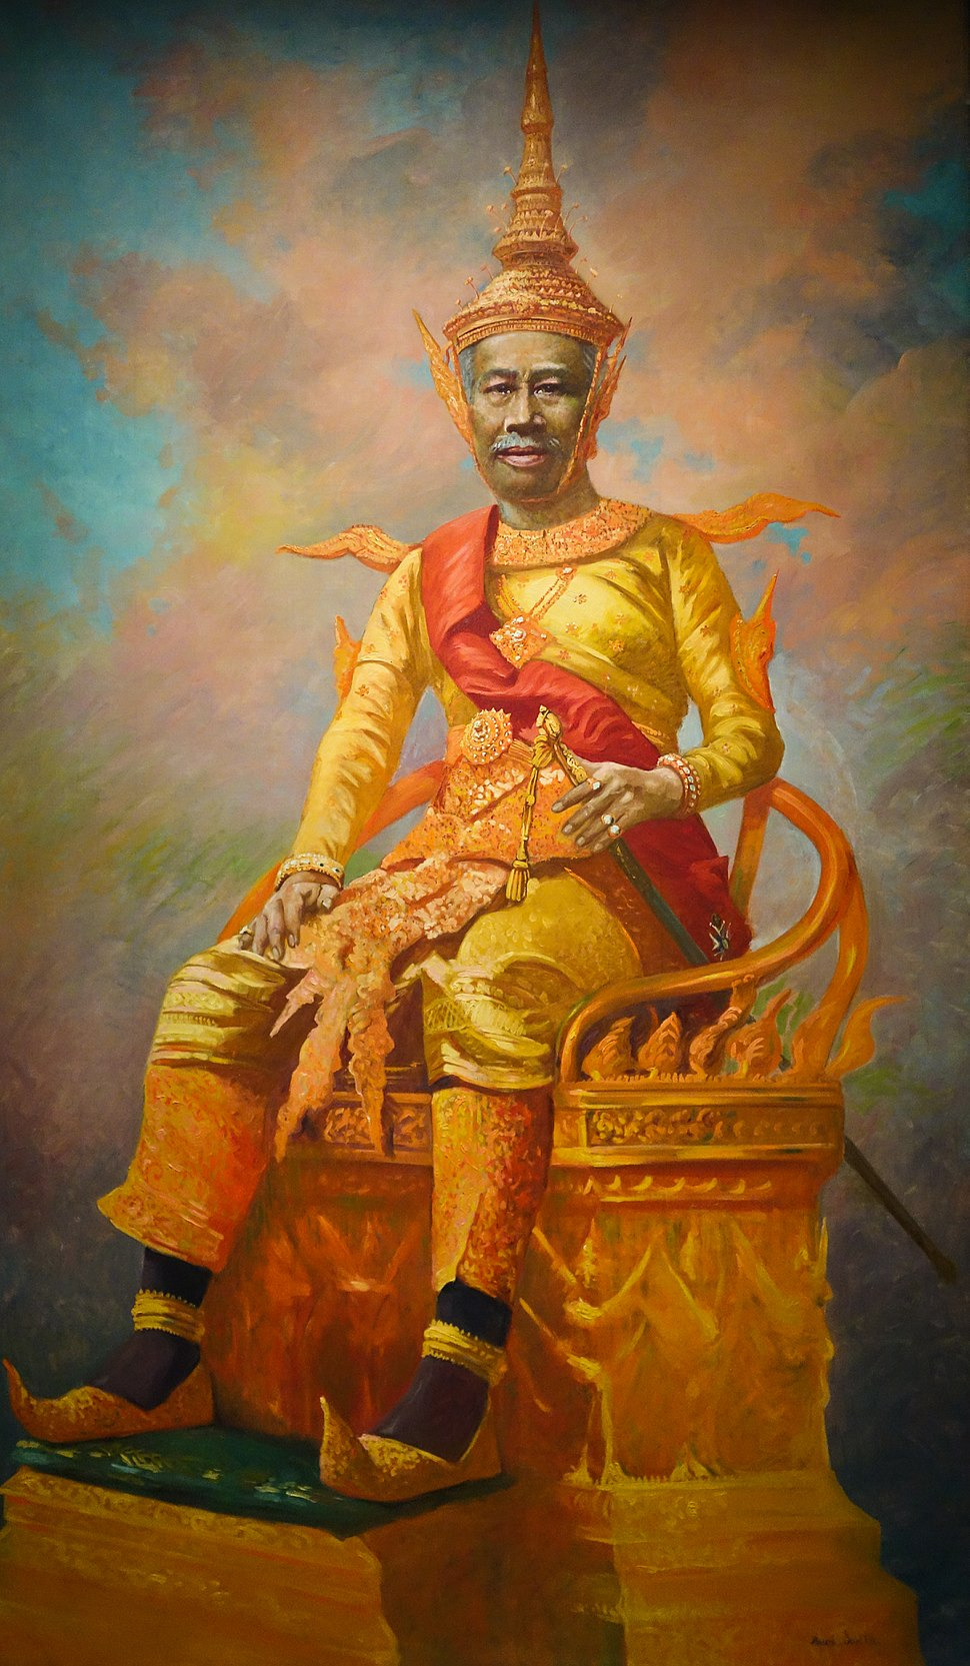 Sa Majesté Sisowath Monivong